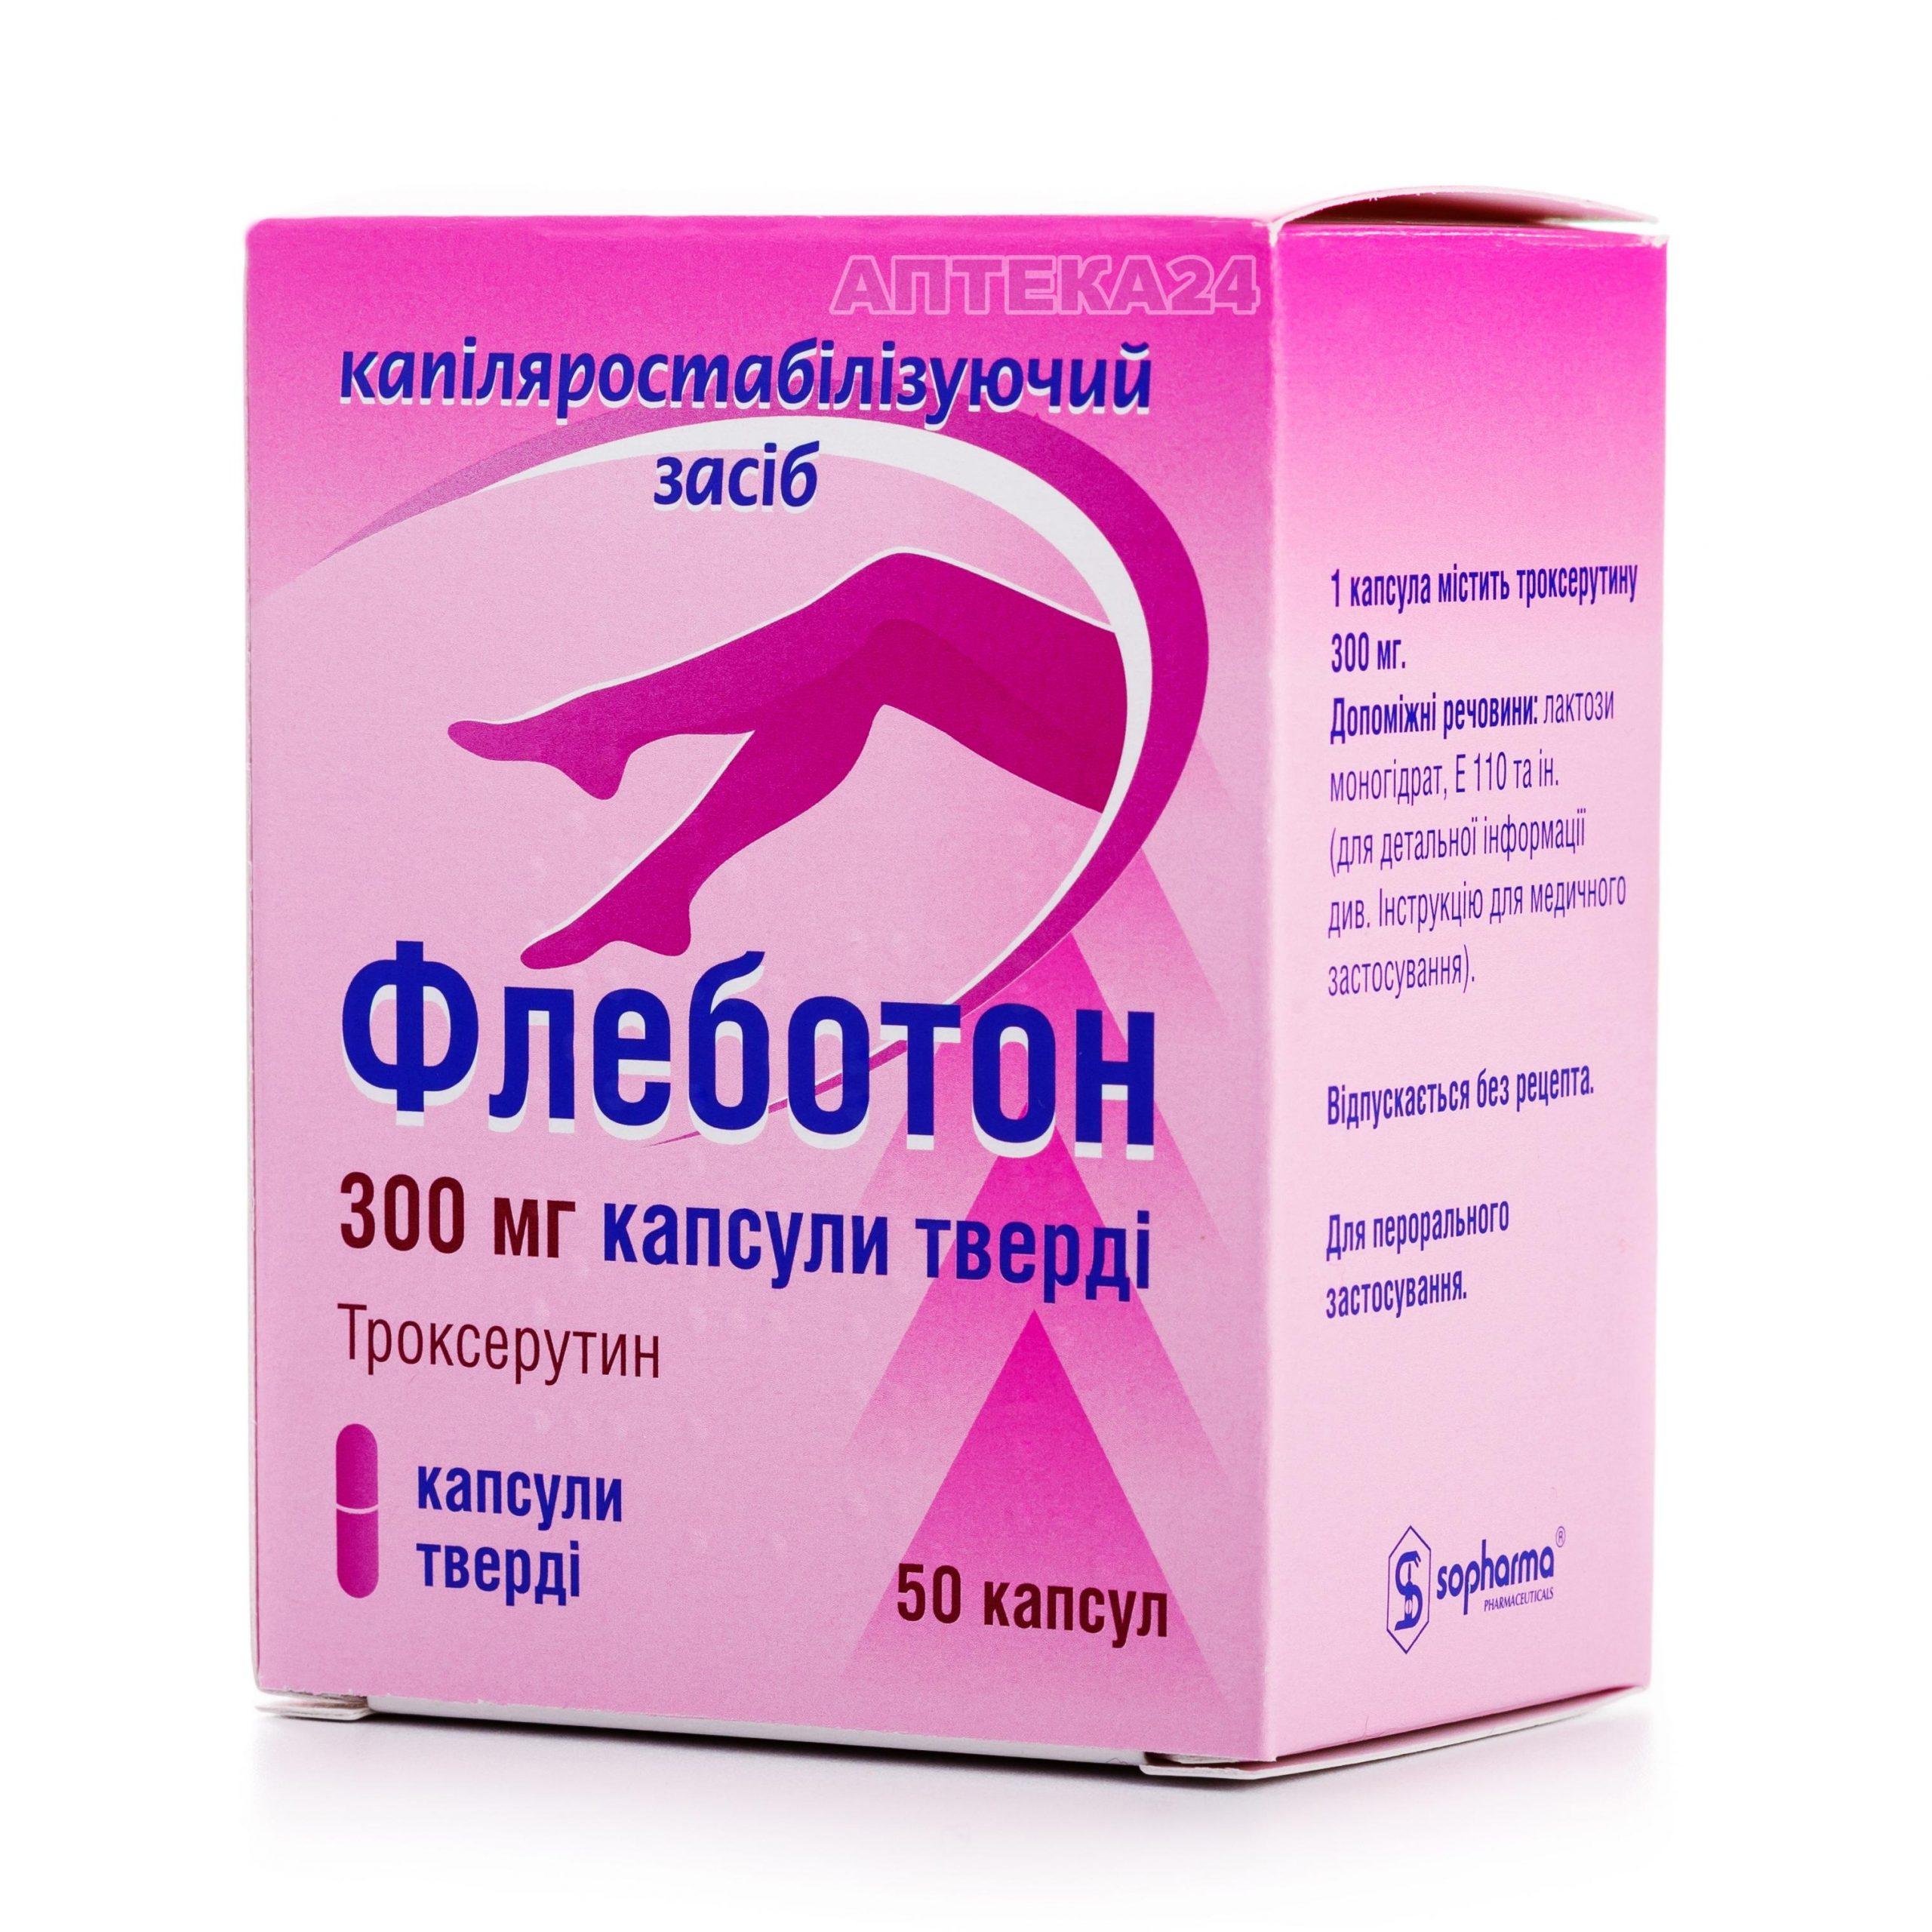 Флеботон 300 мг №50 капсулы_60061b441bda2.jpeg